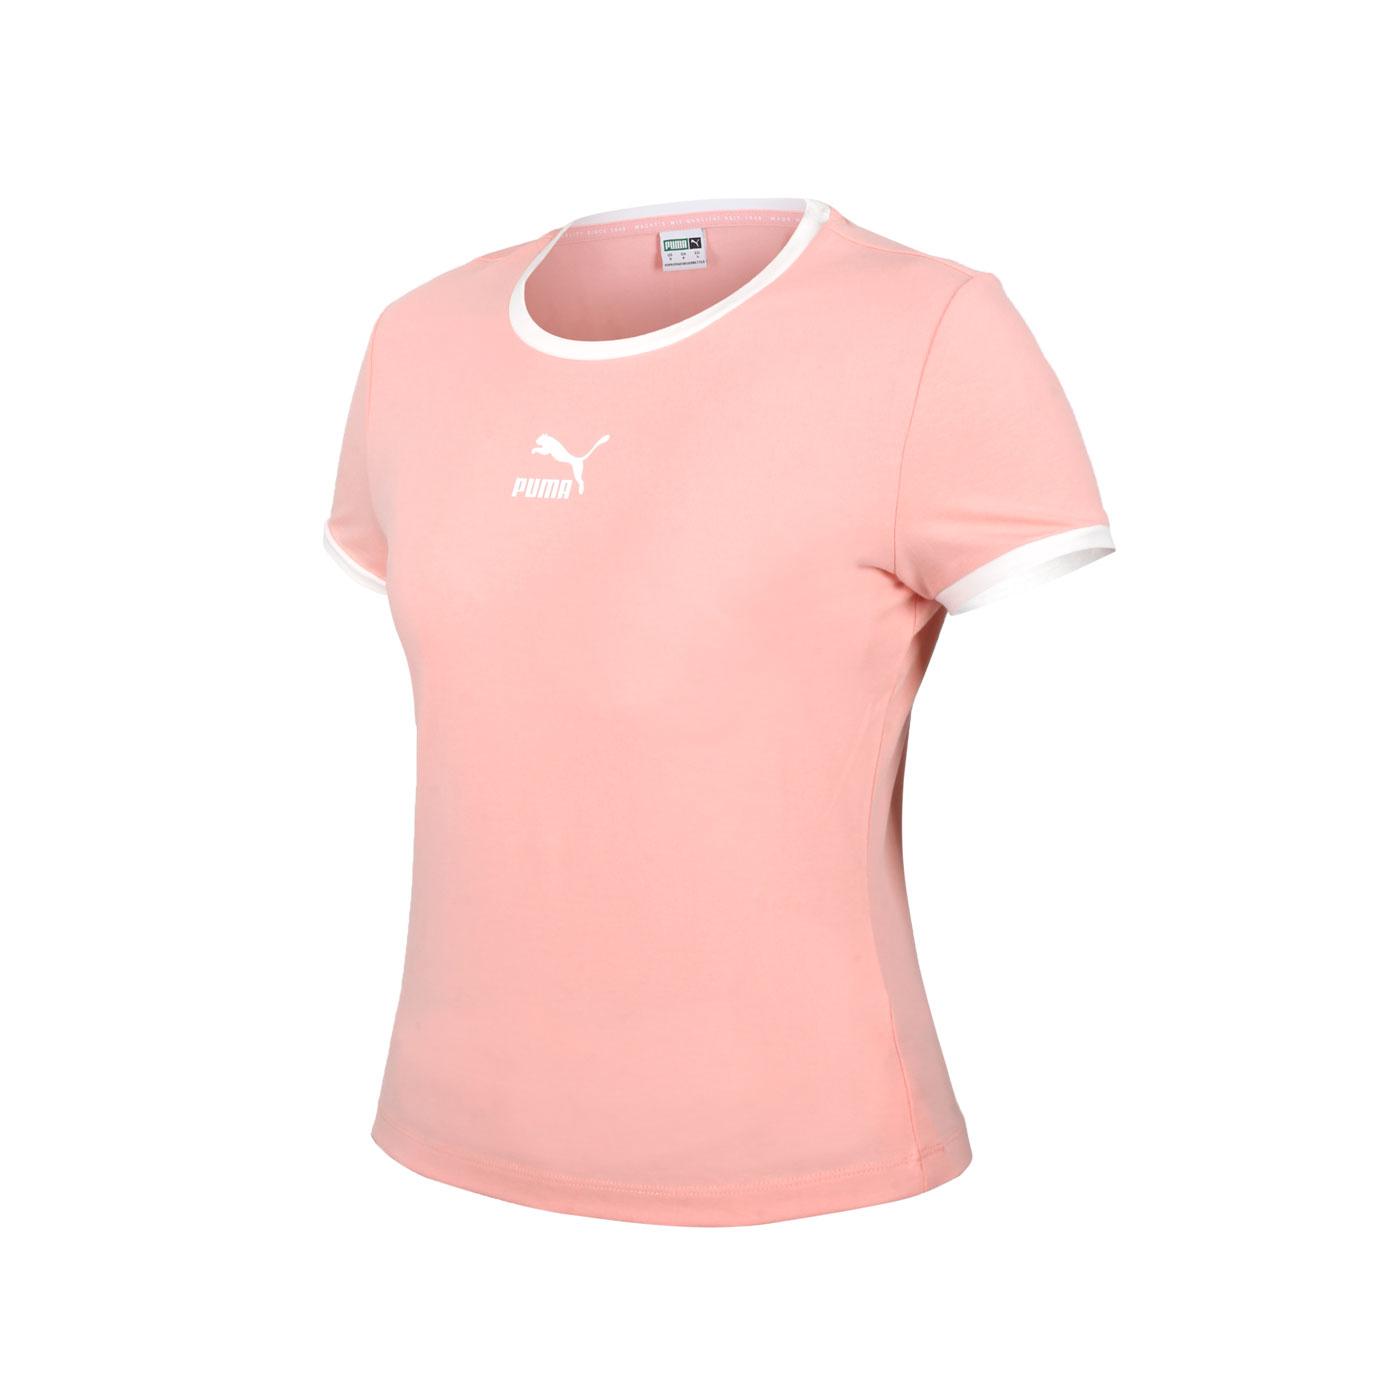 PUMA 女款貼身短袖T恤 59957726